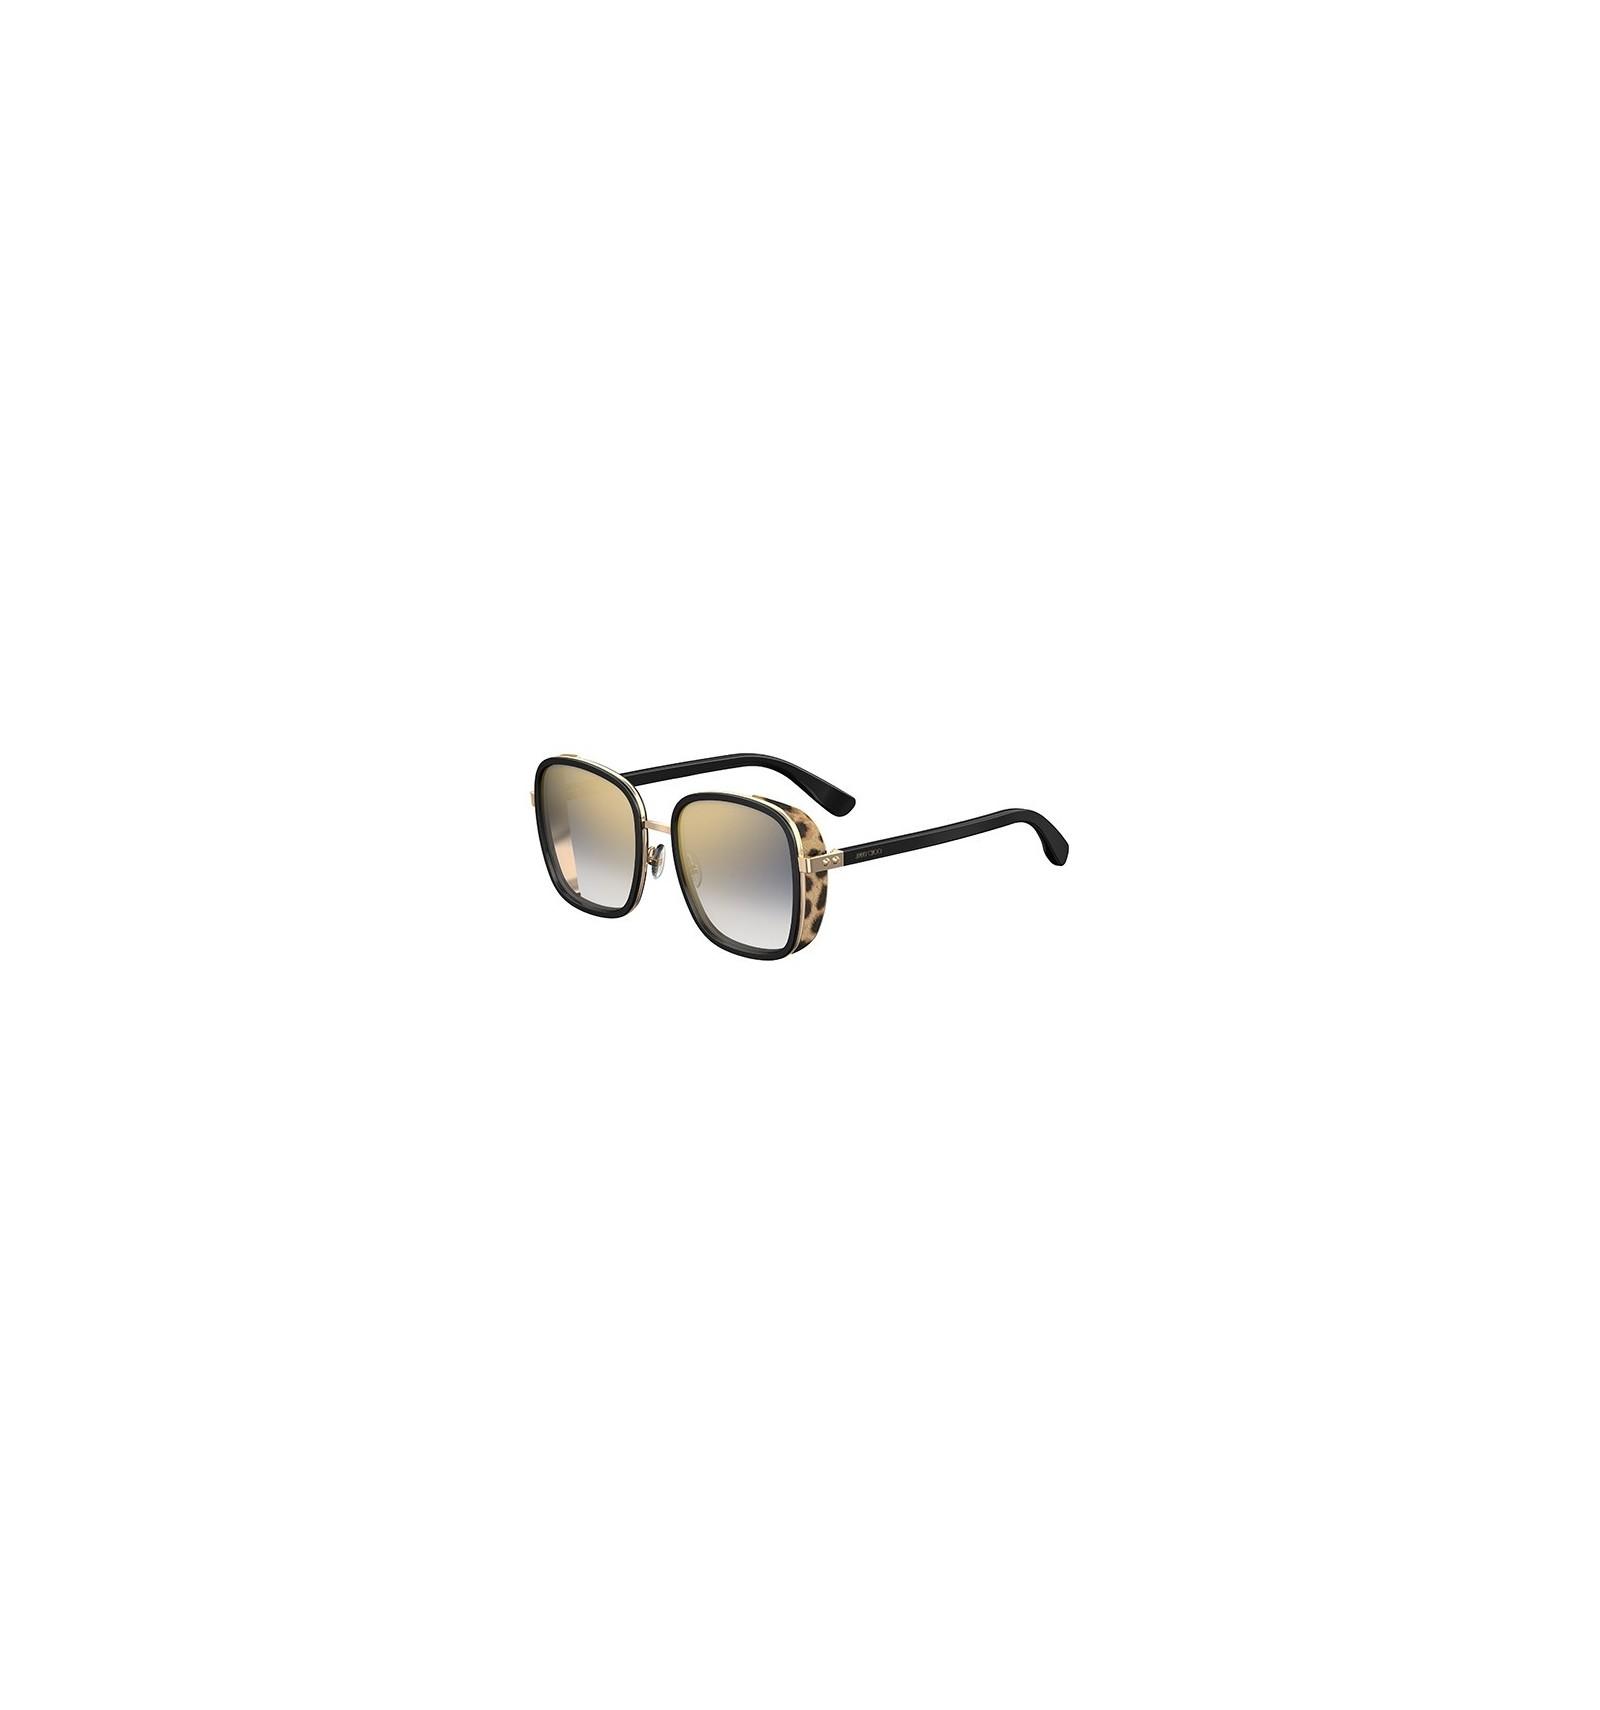 9ffc6ab696 Gafas de sol JIMMY CHOO ELVA Black Animal Print - Gold Grey Shaded (FP3-